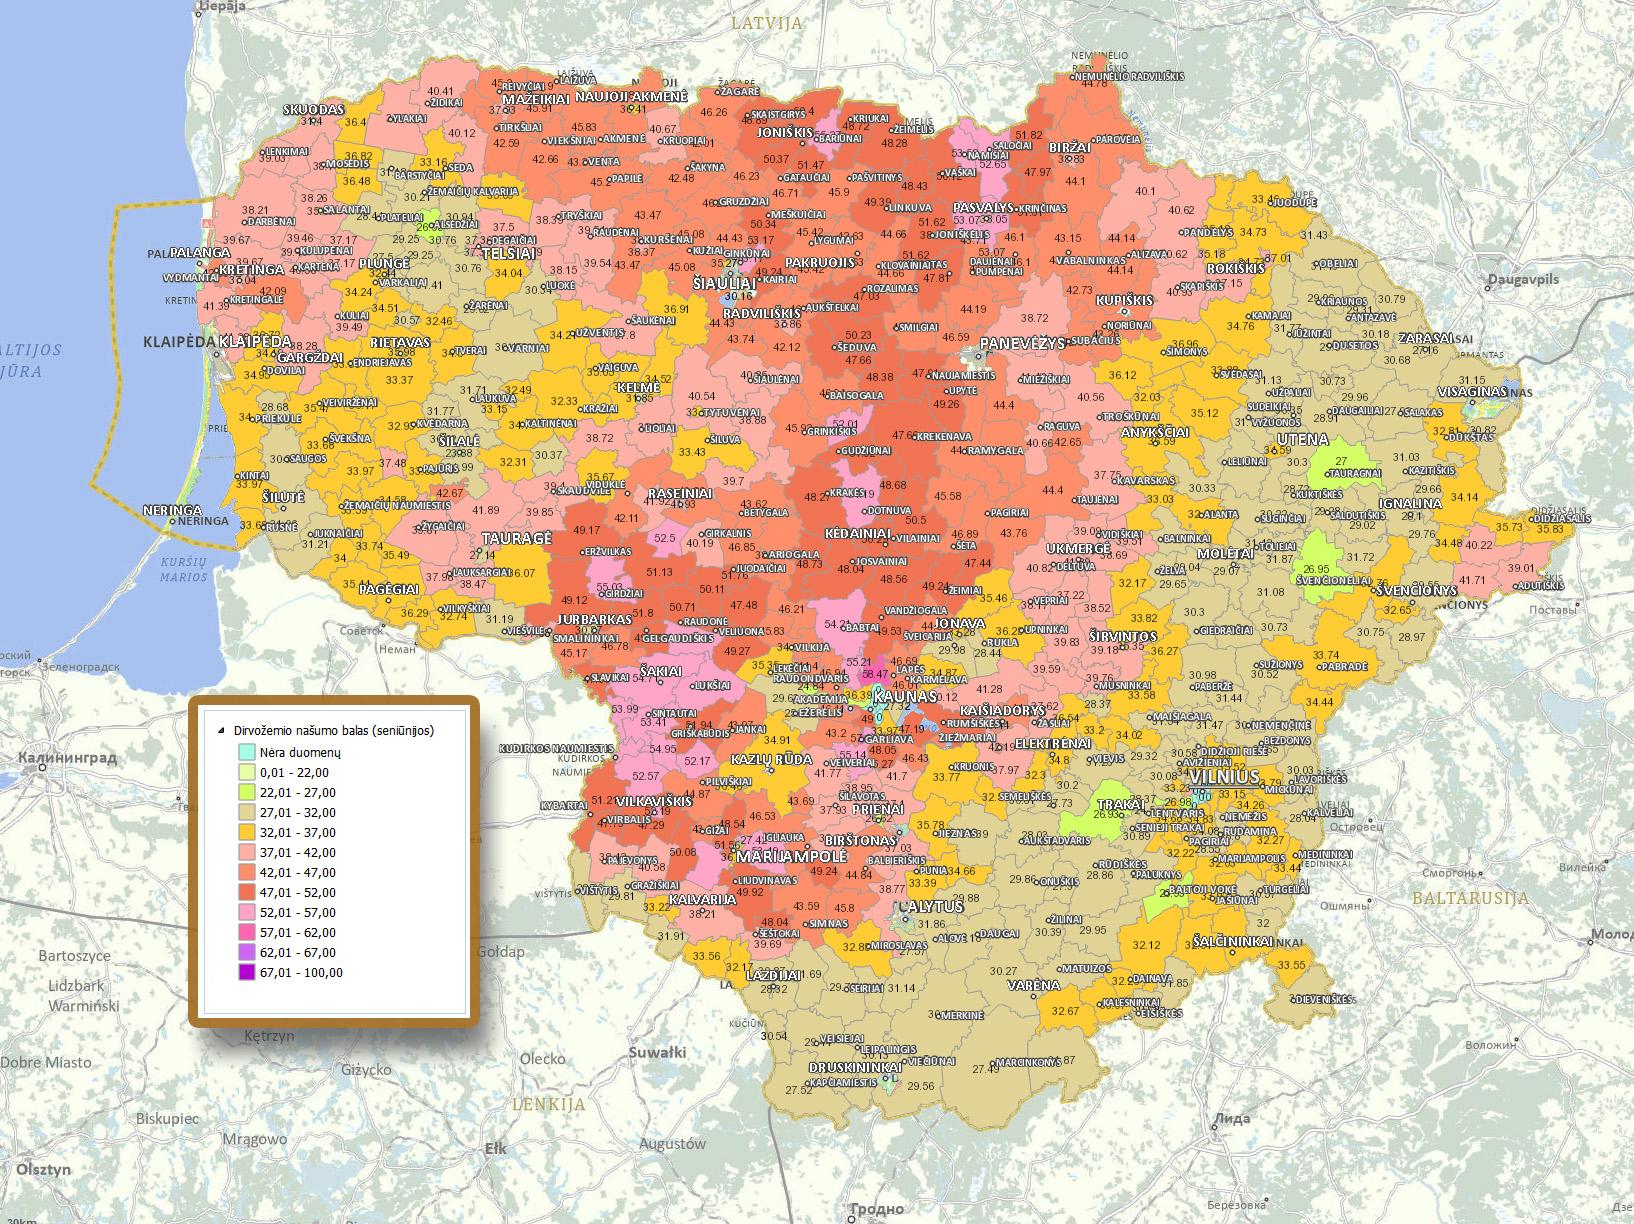 Lietuvos dirvožemių žemėlapis